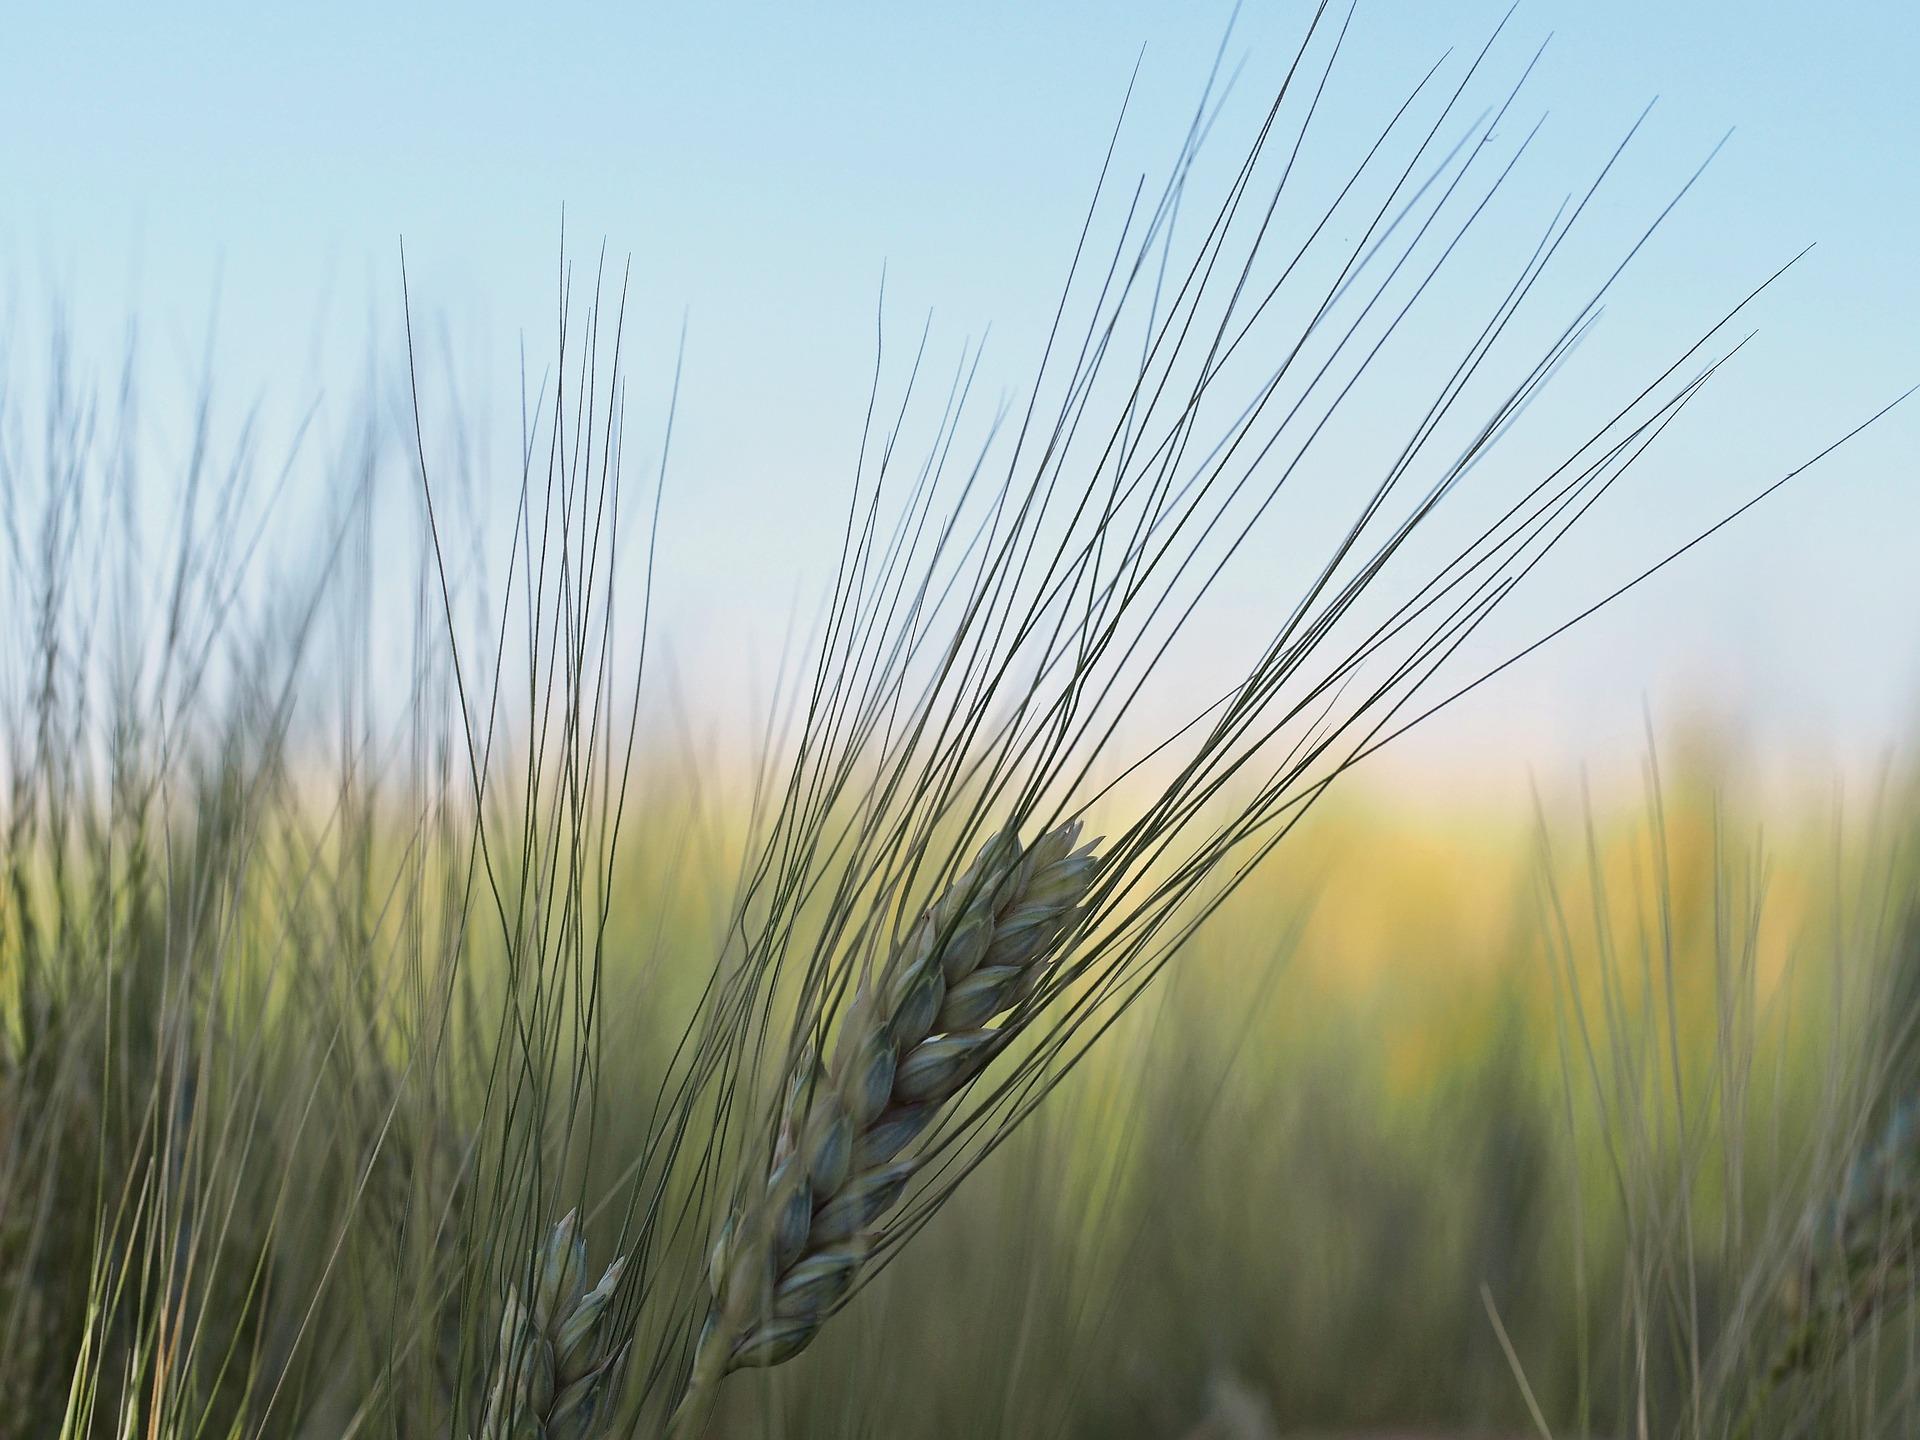 barley-1331726_1920